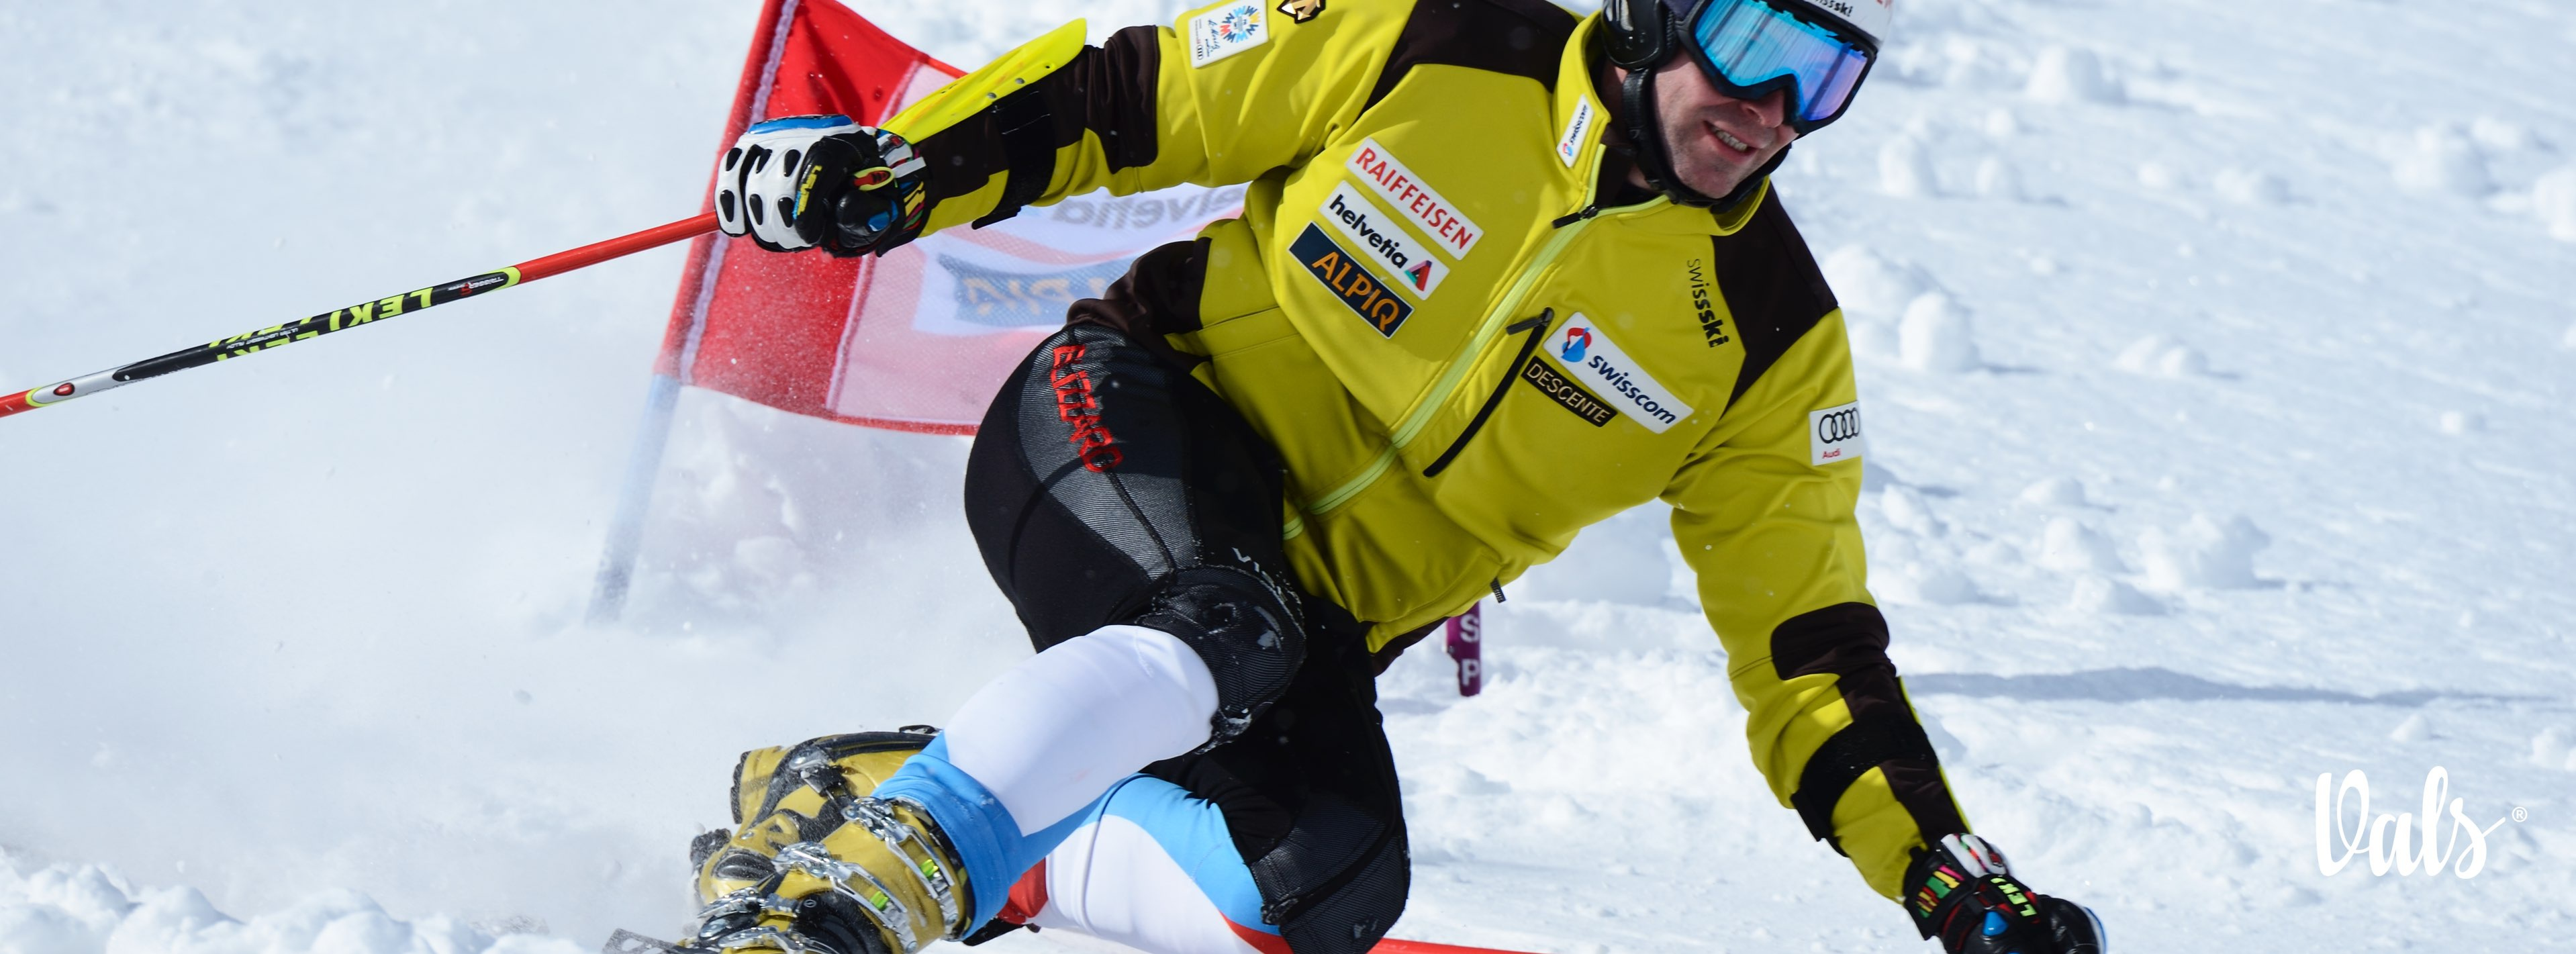 Telemark Schweizer Meisterschaft Vals